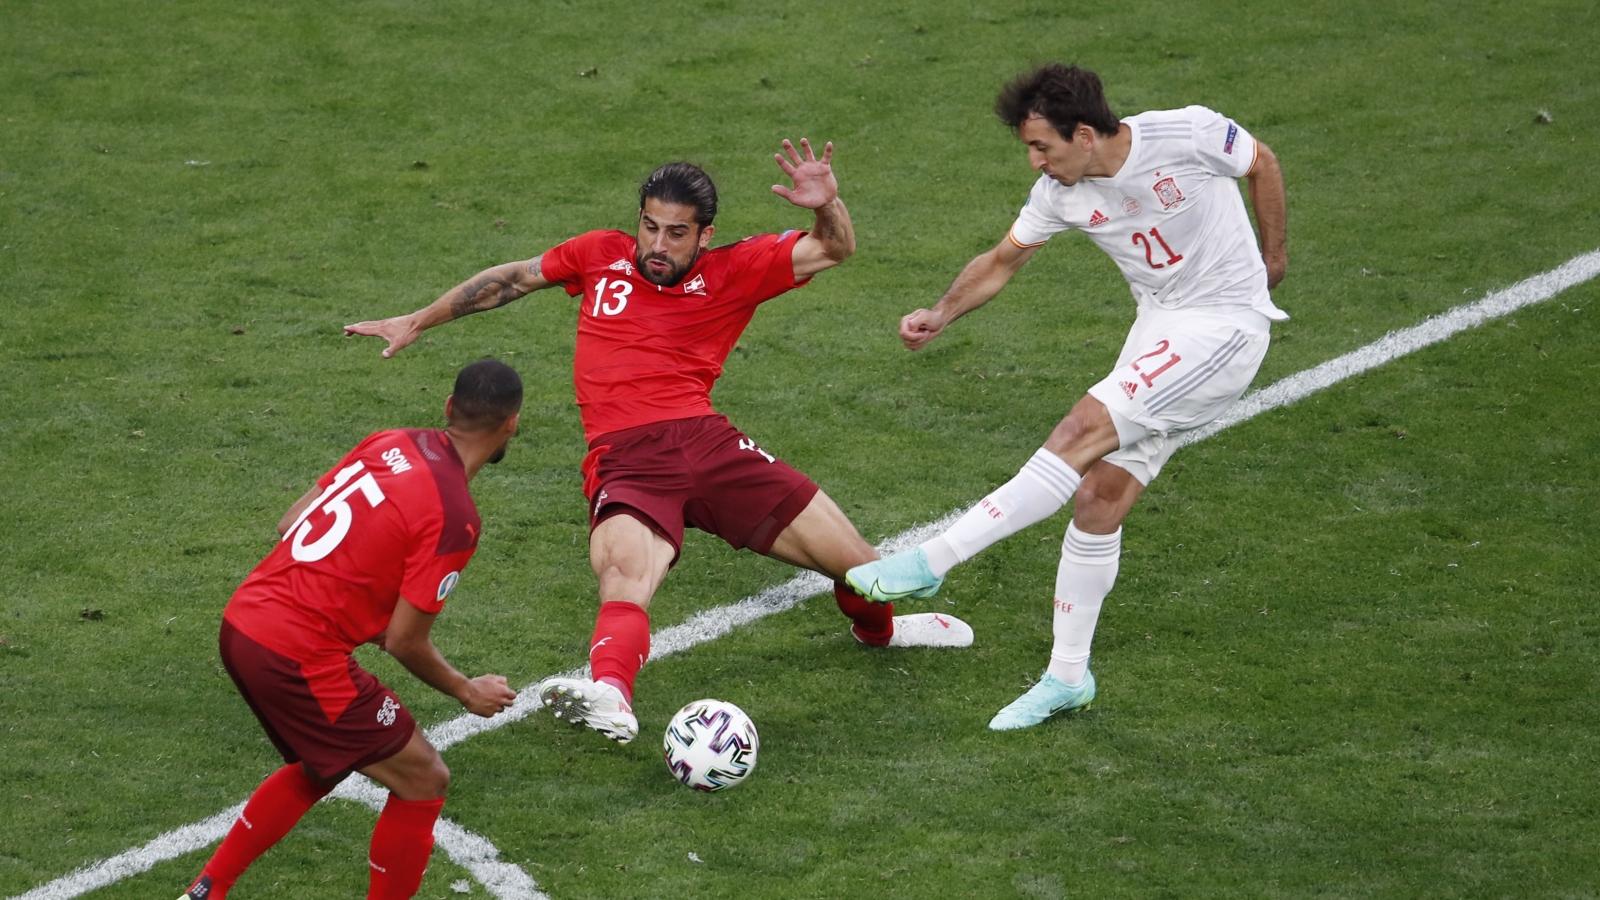 Những bàn thắng, khoảnh khắc ấn tượng vòng tứ kết EURO 2021